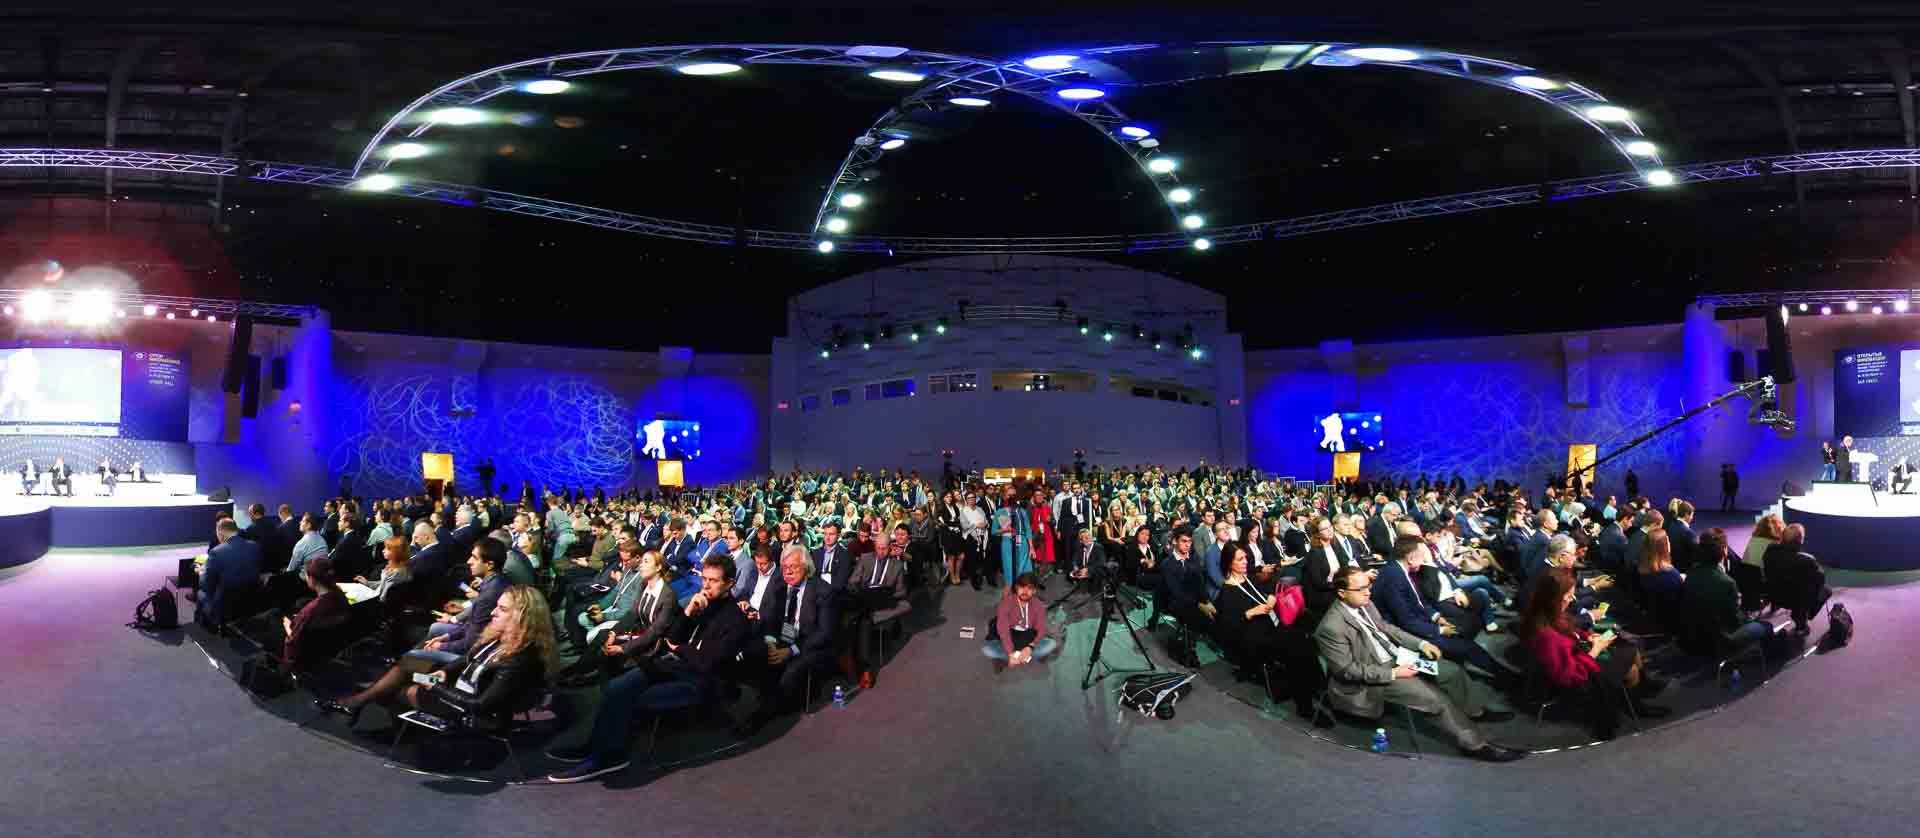 virtual tour 360 foto panoramiche eventi aziendali e conferenze